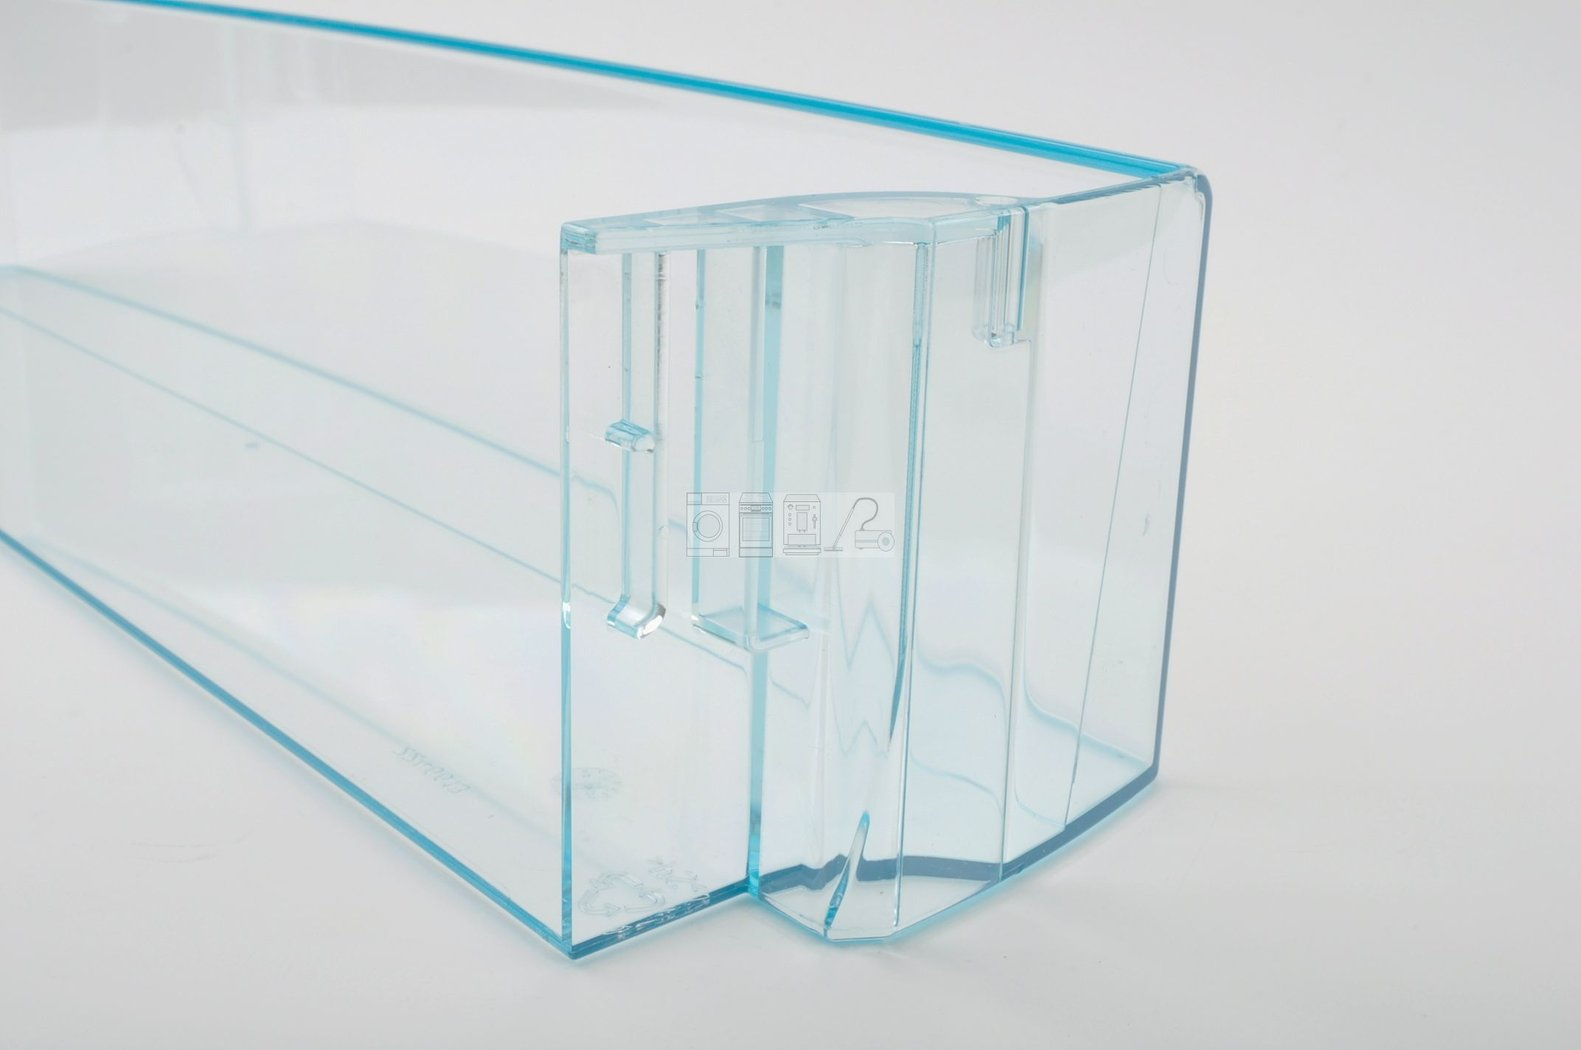 Gorenje Kühlschrank Ersatzteile Türfach : Gorenje kühlschrank ersatzteile griff gorenje kühl gefrierschrank